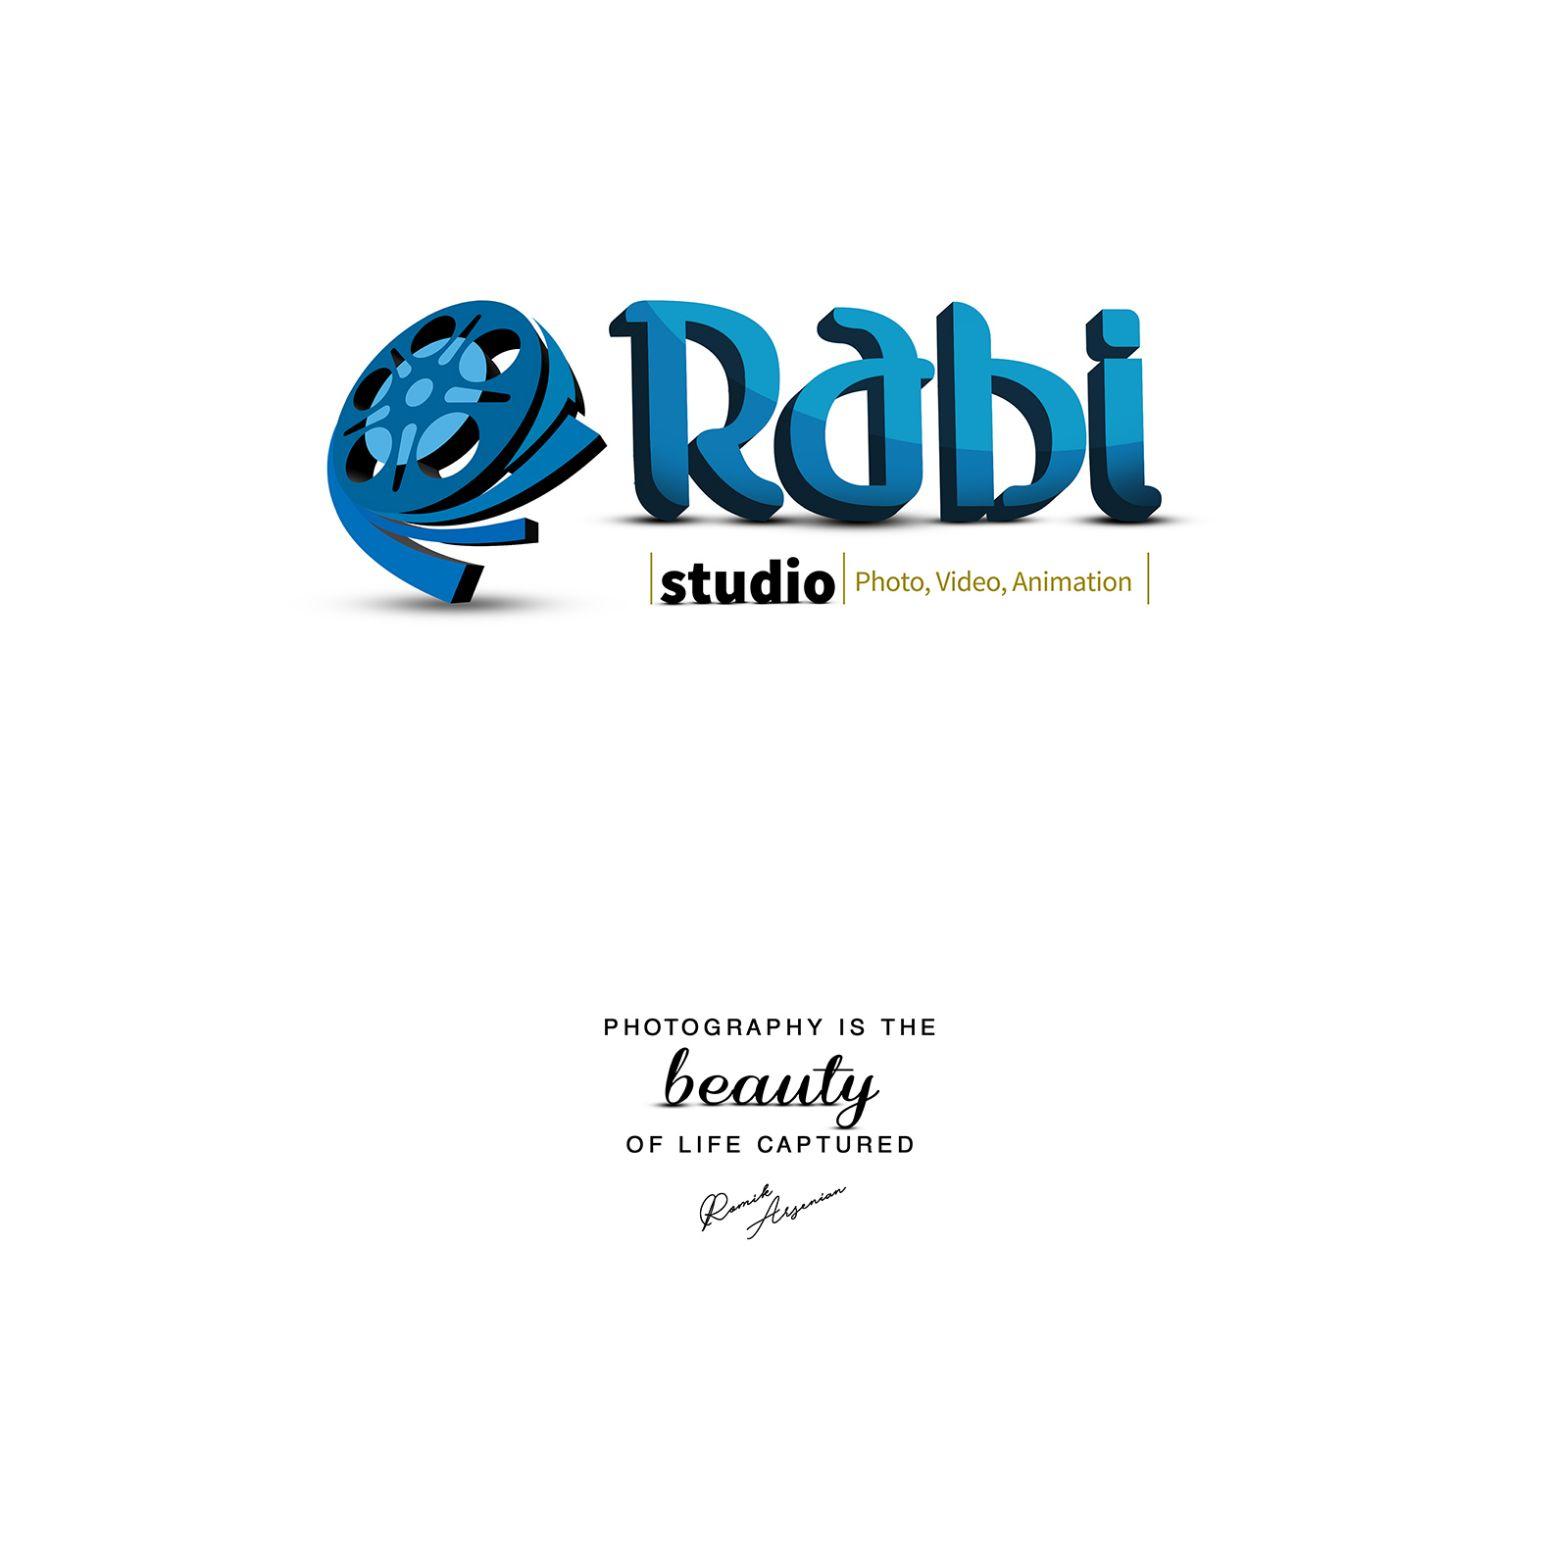 استودیو عکاسی رابی